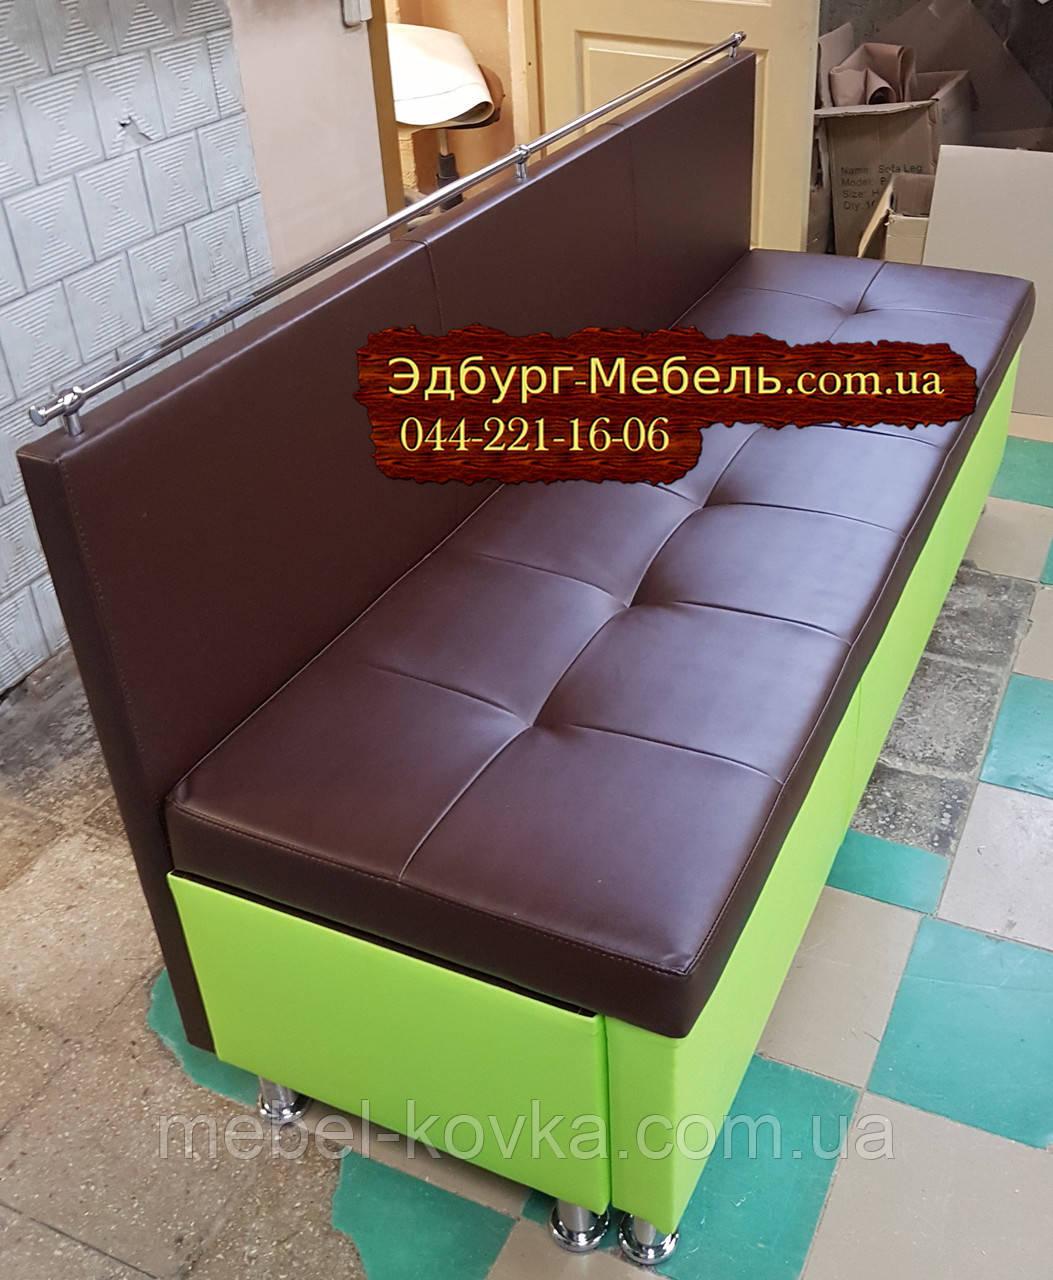 Диван для вузької кухні, коридору з ящиком + спальним місцем 1800х600х850мм